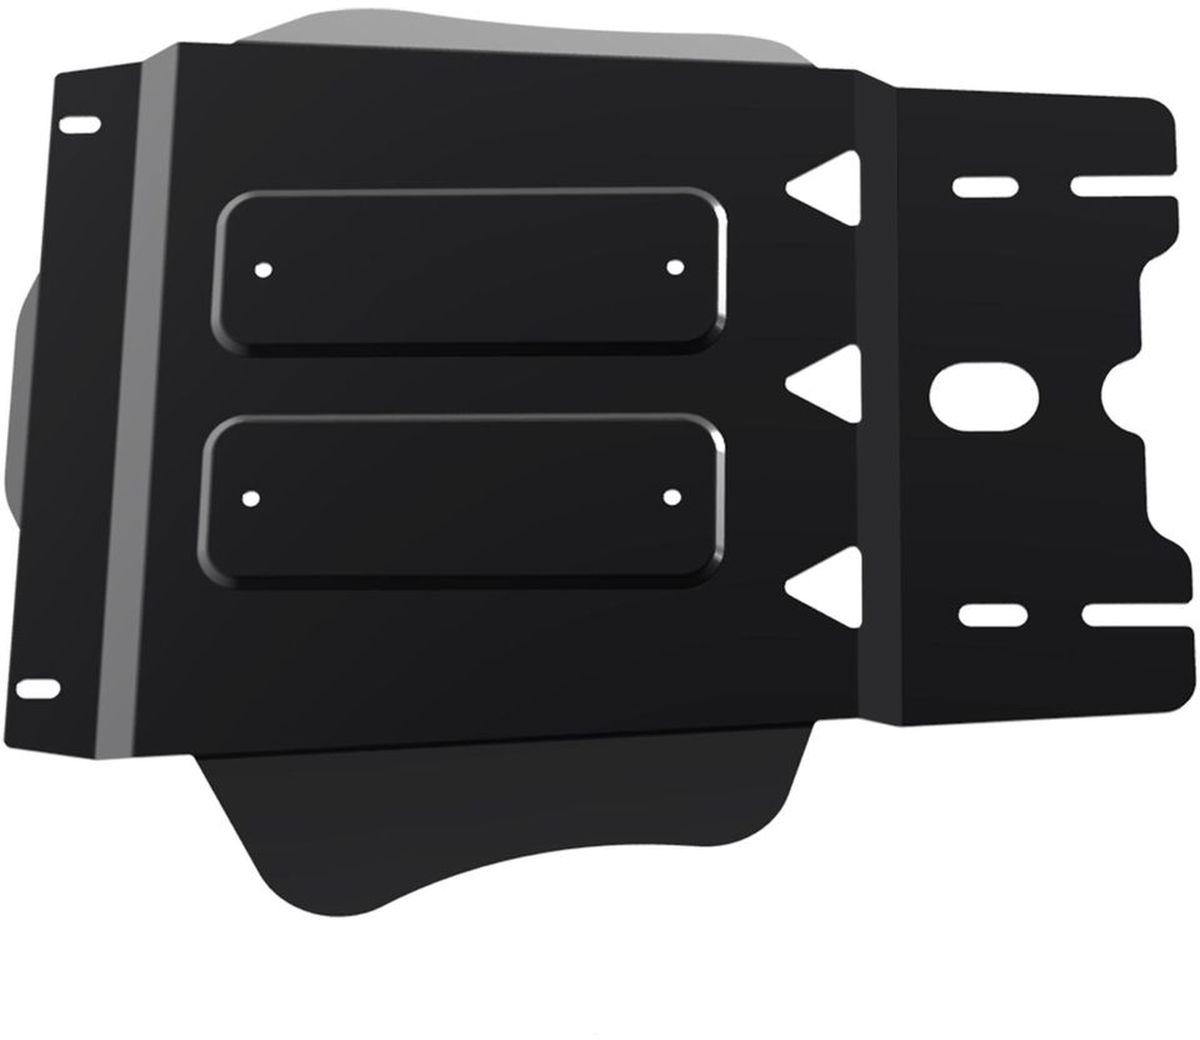 Защита КПП Автоброня, для Hyundai H1 ч.2, V - все (2007-2015; 2015-)CA-3505Технологически совершенный продукт за невысокую стоимость.Защита разработана с учетом особенностей днища автомобиля, что позволяет сохранить дорожный просвет с минимальным изменением.Защита устанавливается в штатные места кузова автомобиля. Глубокий штамп обеспечивает до двух раз больше жесткости в сравнении с обычной защитой той же толщины. Проштампованные ребра жесткости препятствуют деформации защиты при ударах.Тепловой зазор и вентиляционные отверстия обеспечивают сохранение температурного режима двигателя в норме. Скрытый крепеж предотвращает срыв крепежных элементов при наезде на препятствие.Шумопоглощающие резиновые элементы обеспечивают комфортную езду без вибраций и скрежета металла, а съемные лючки для слива масла и замены фильтра - экономию средств и время.Конструкция изделия не влияет на пассивную безопасность автомобиля (при ударе защита не воздействует на деформационные зоны кузова). Со штатным крепежом. В комплекте инструкция по установке.Толщина стали: 2 мм.Уважаемые клиенты!Обращаем ваше внимание, что элемент защиты имеет форму, соответствующую модели данного автомобиля. Фото служит для визуального восприятия товара и может отличаться от фактического.